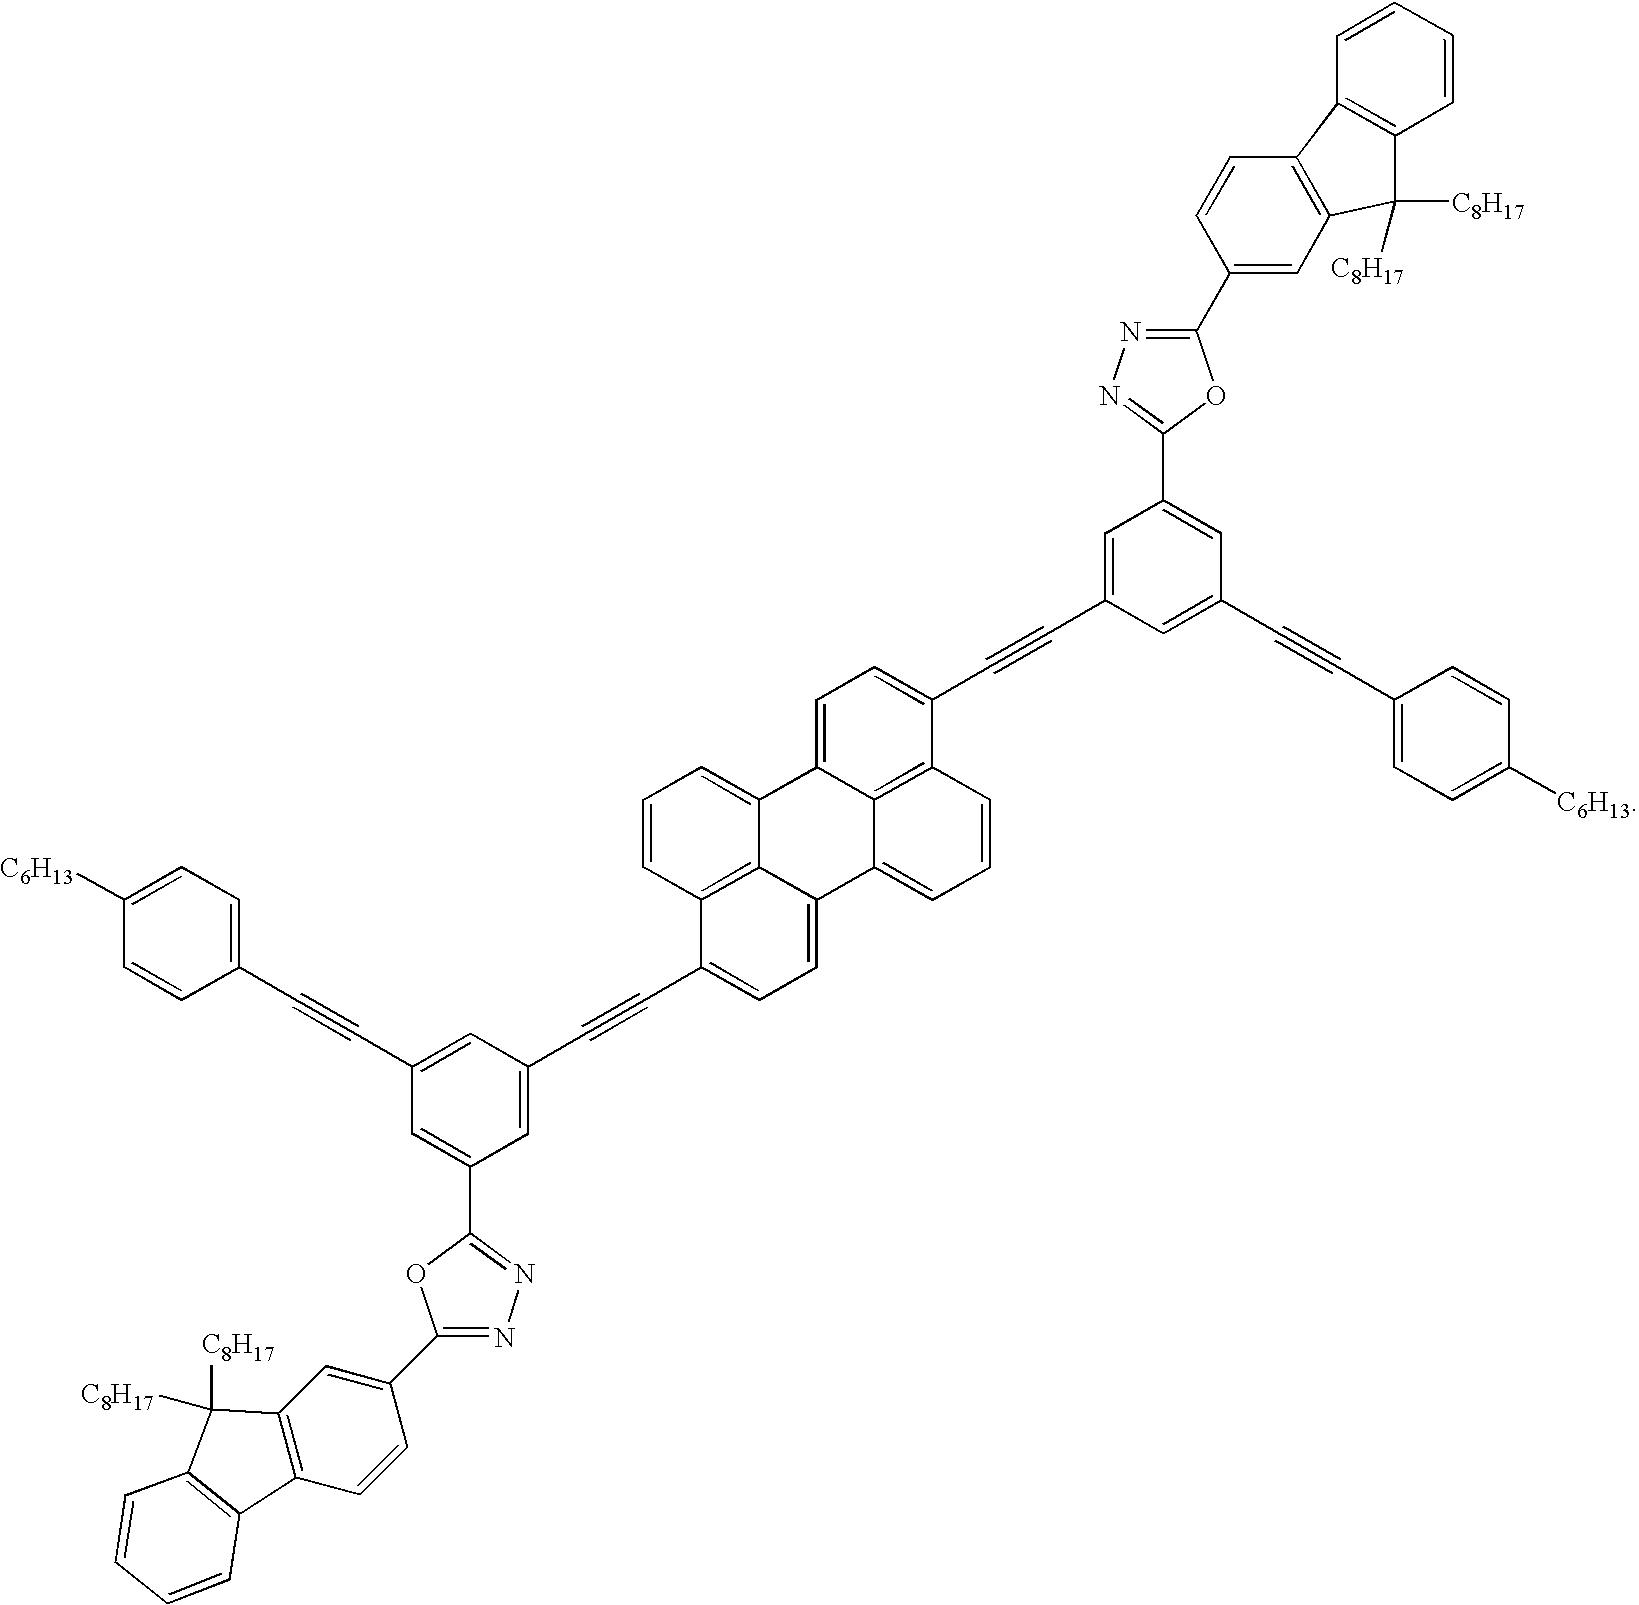 Figure US20070107835A1-20070517-C00098